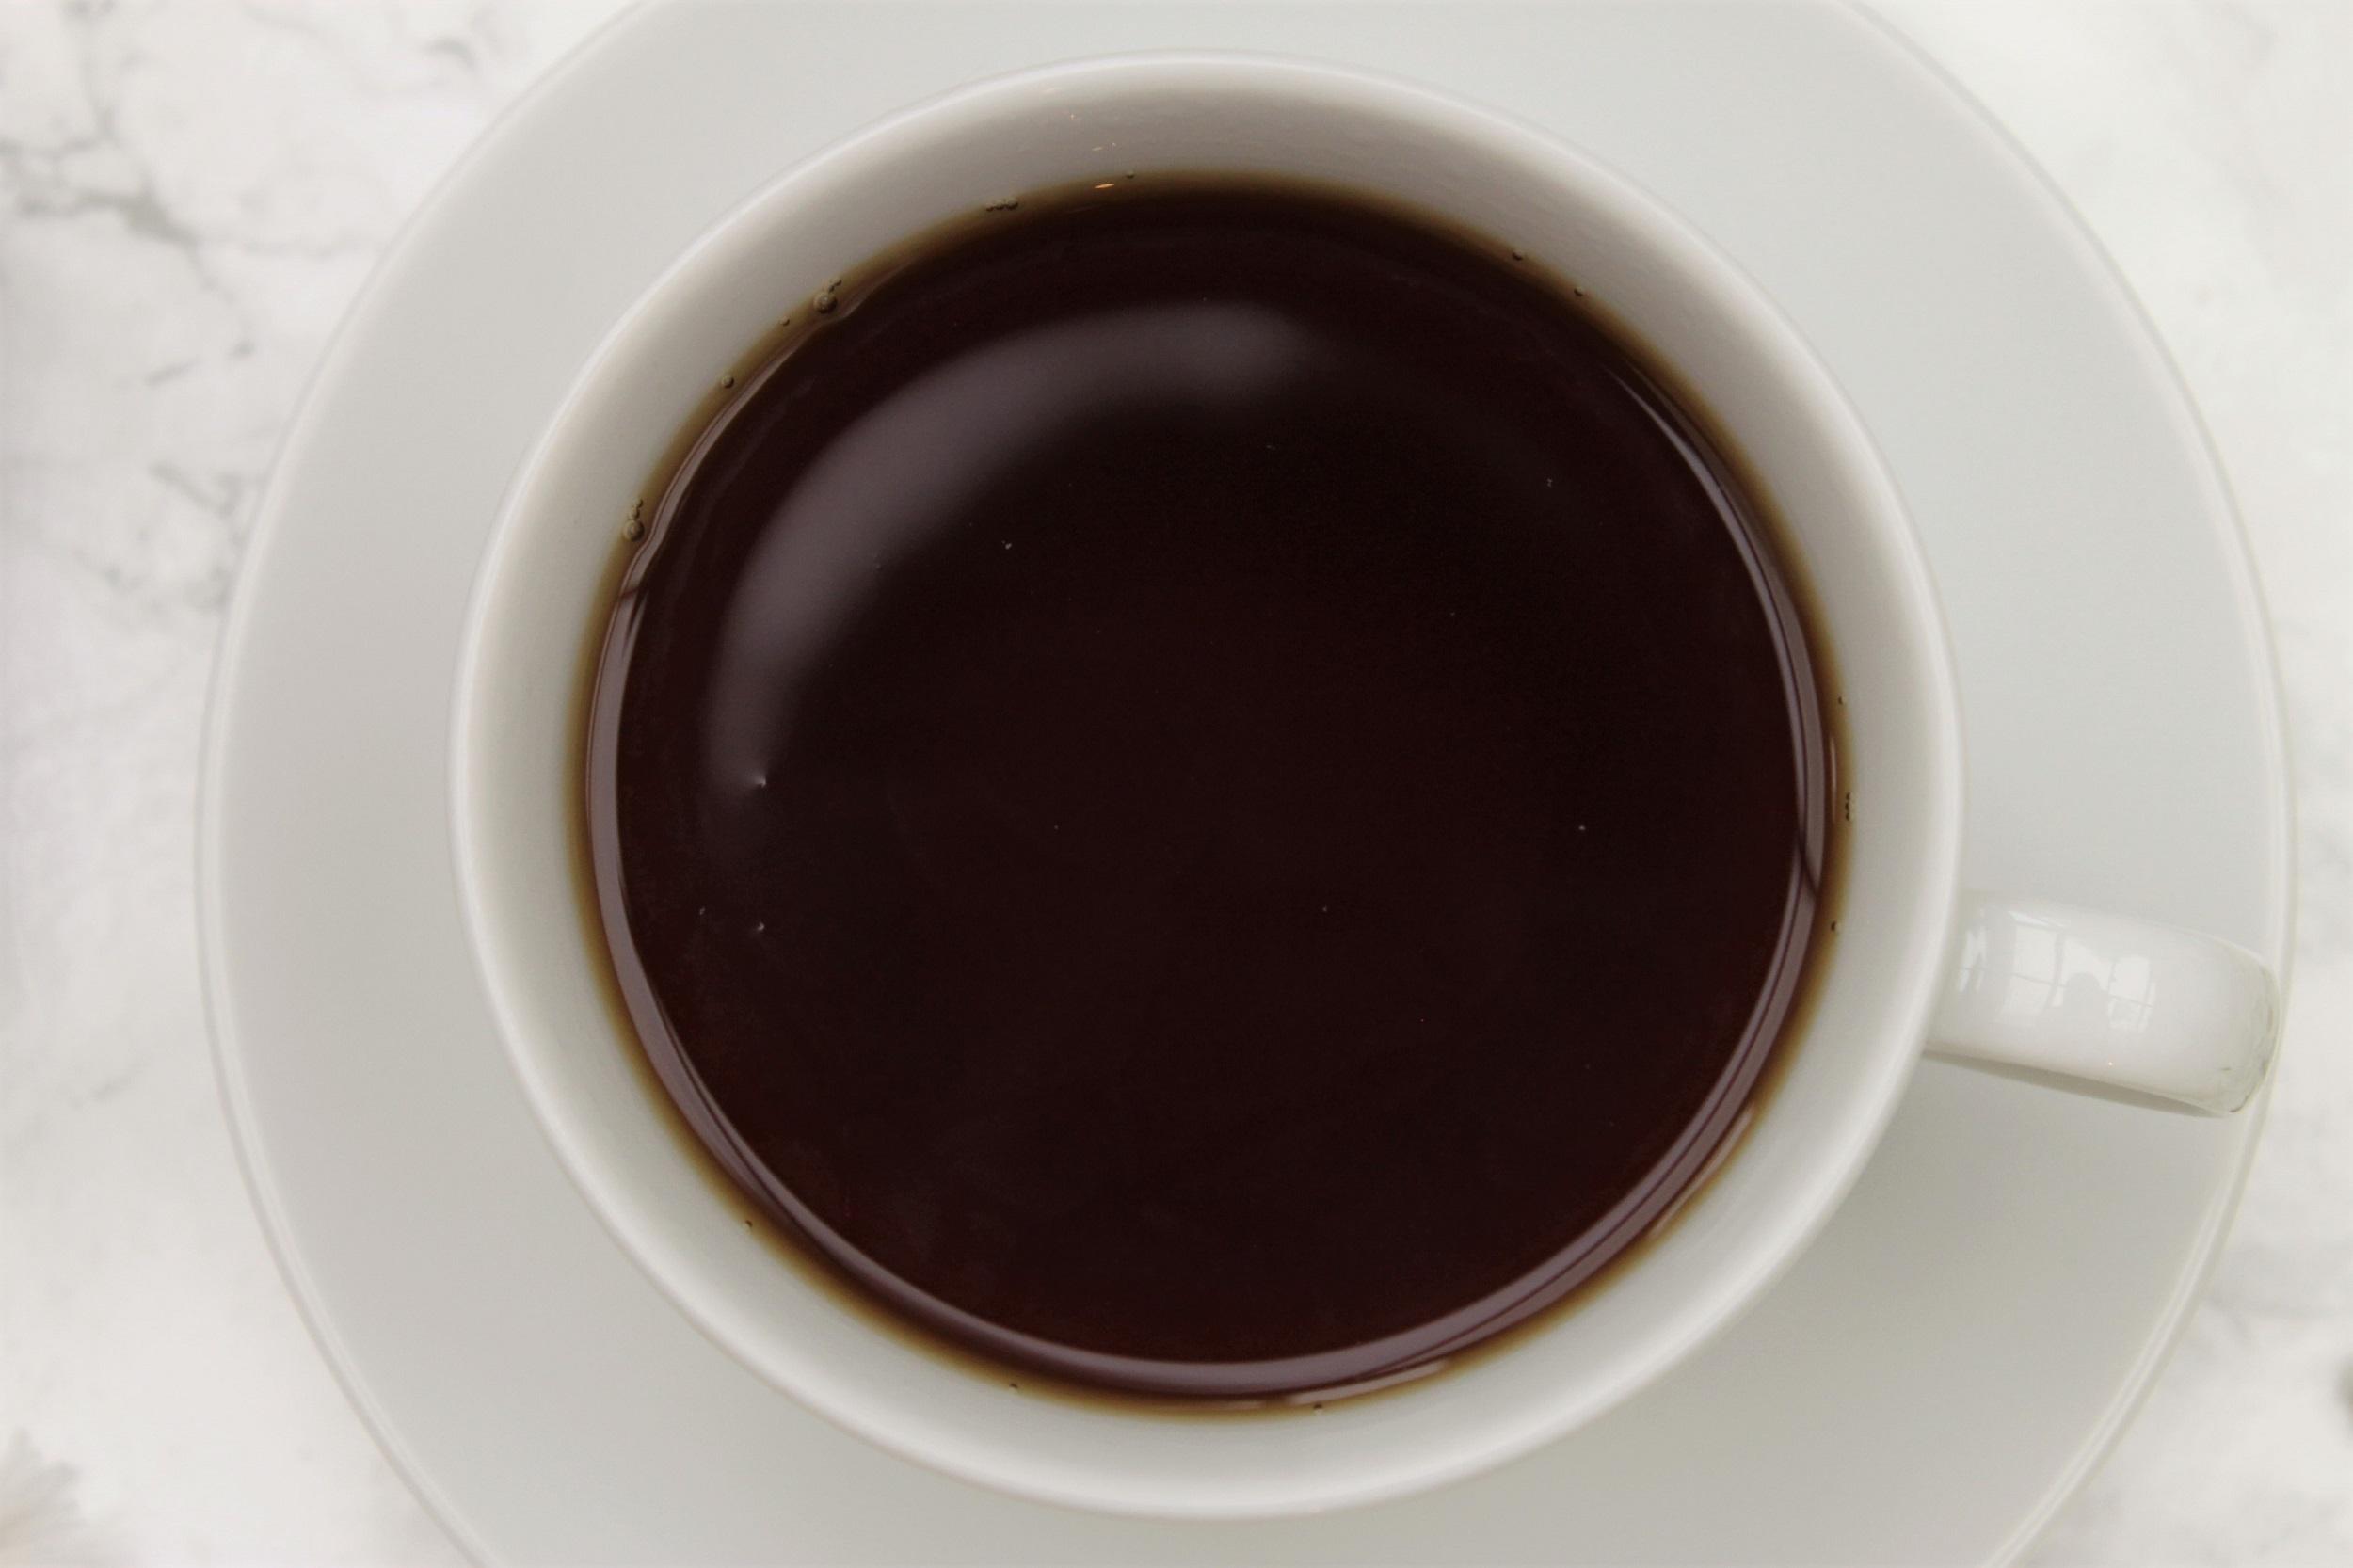 black afternoon tea in teacup